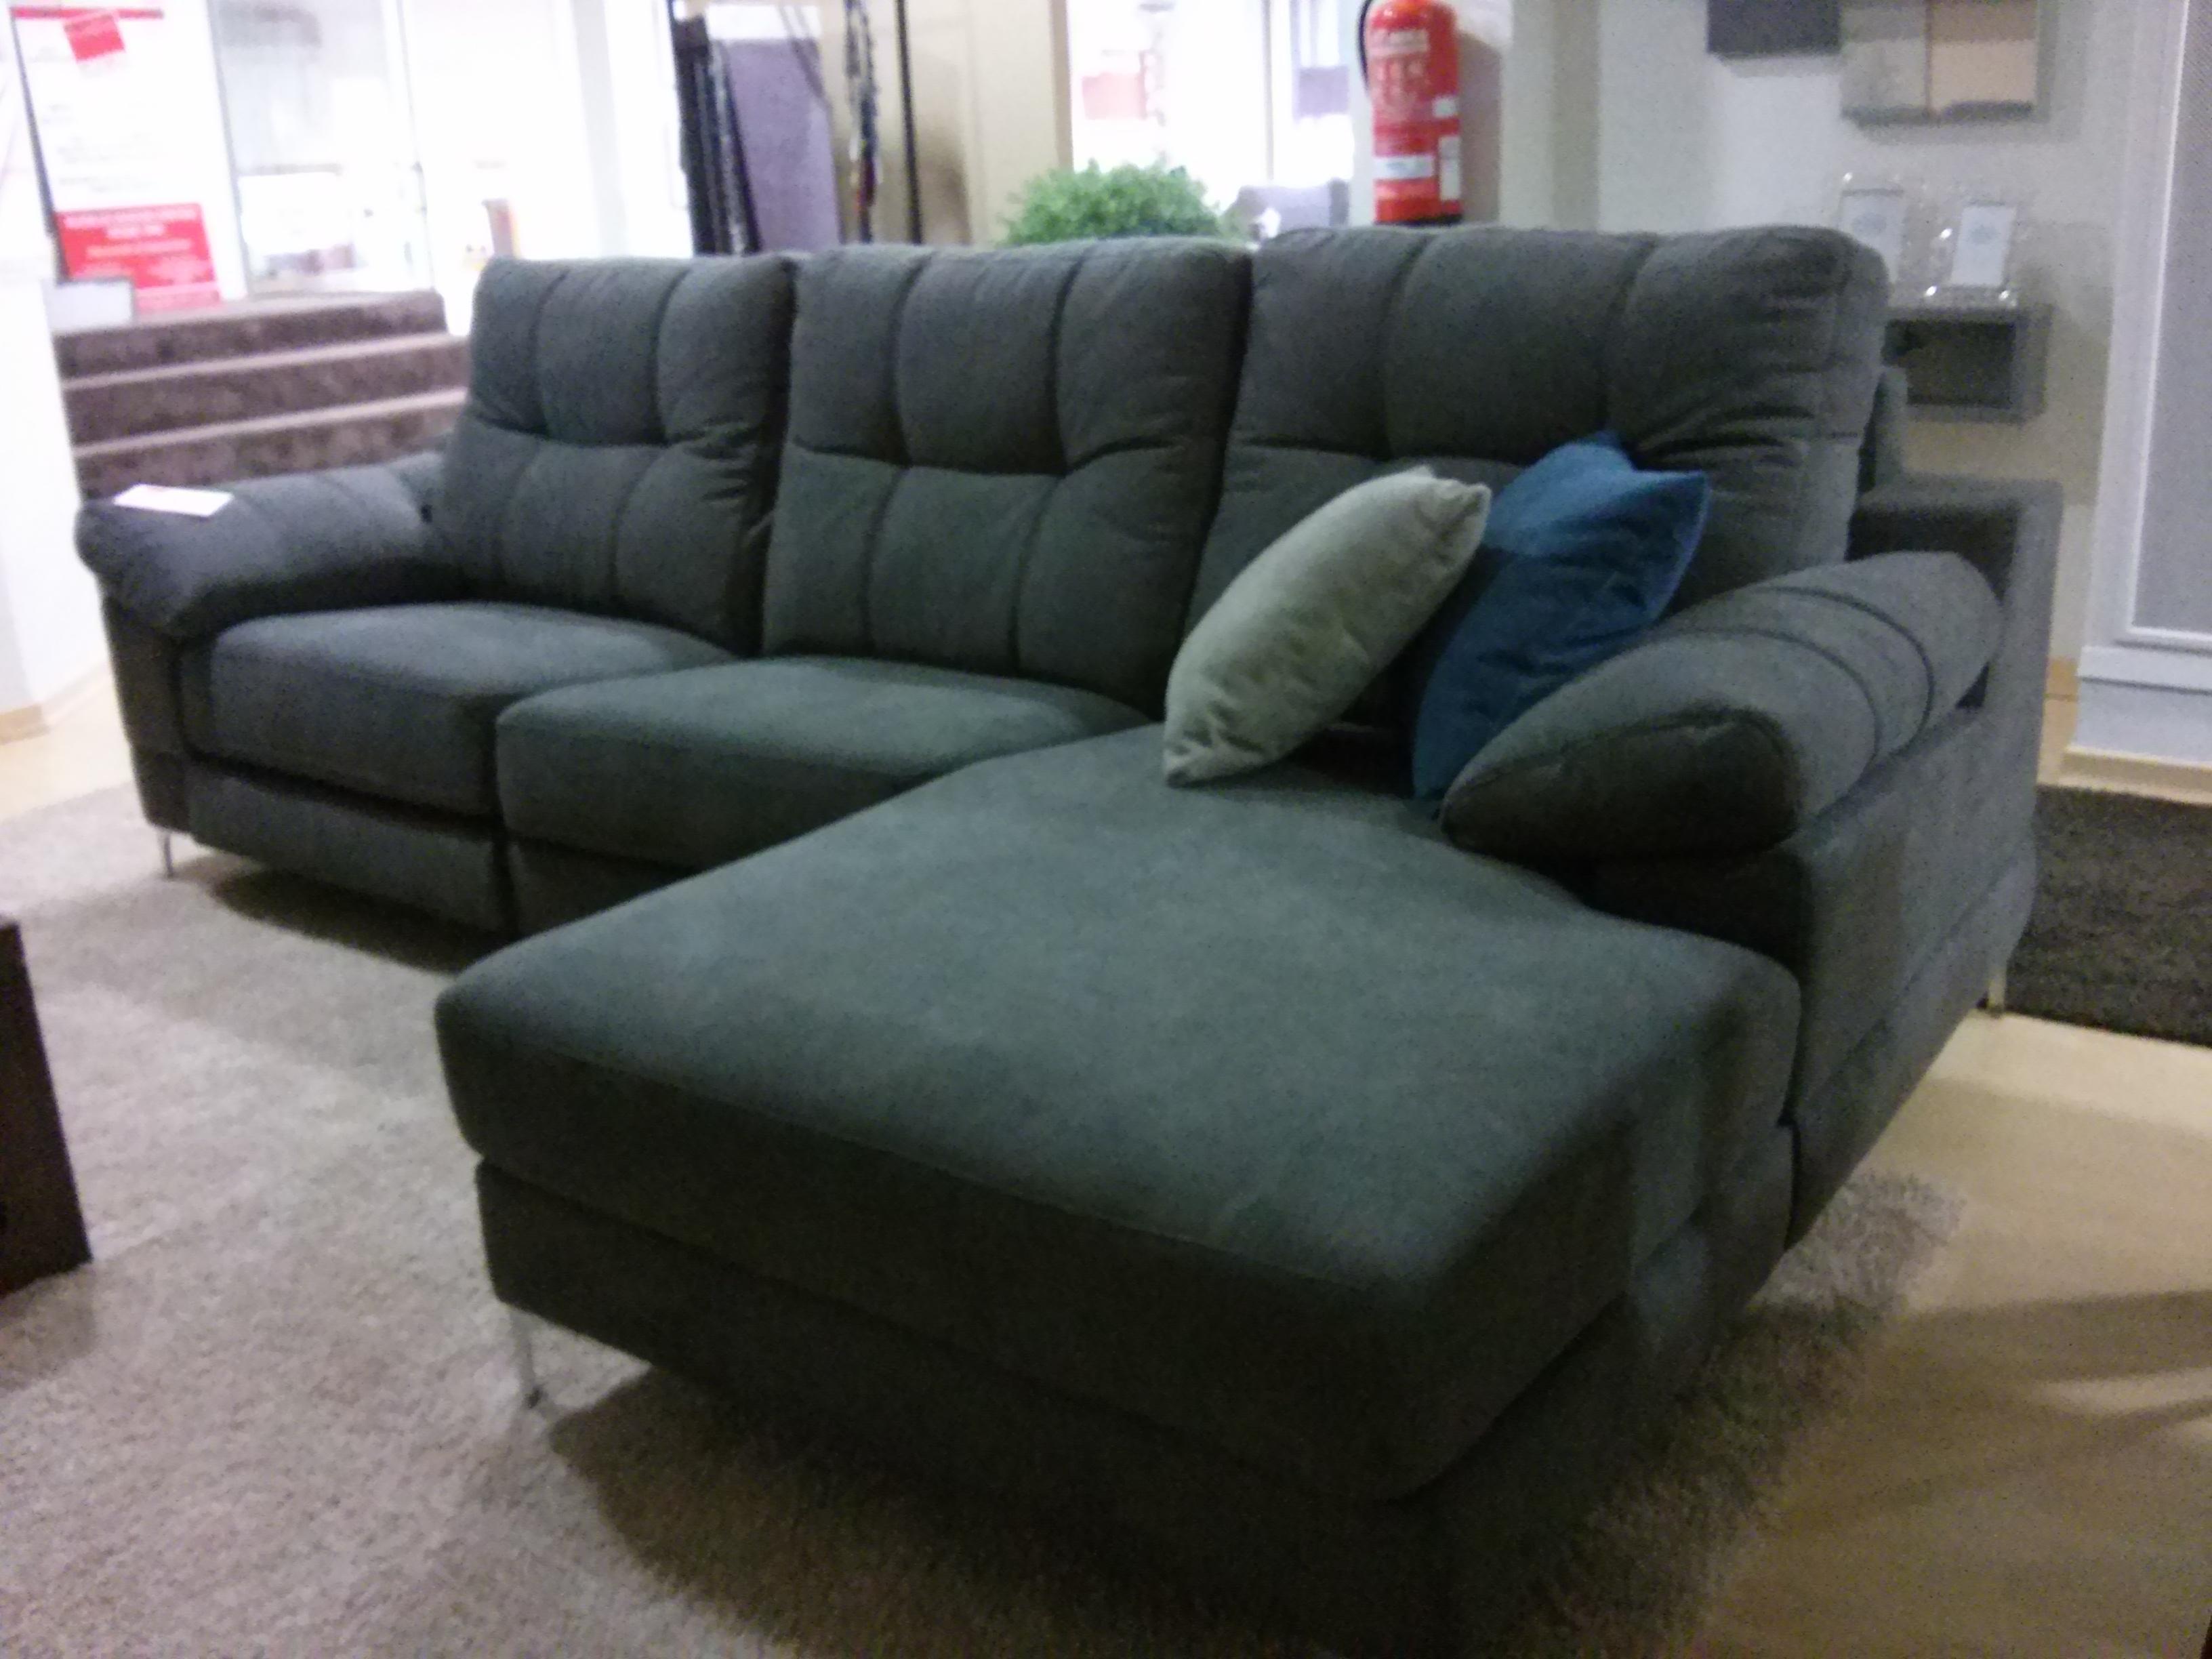 Comprar sofas en zaragoza excellent comprar sofa cama for Sofas baratos zaragoza